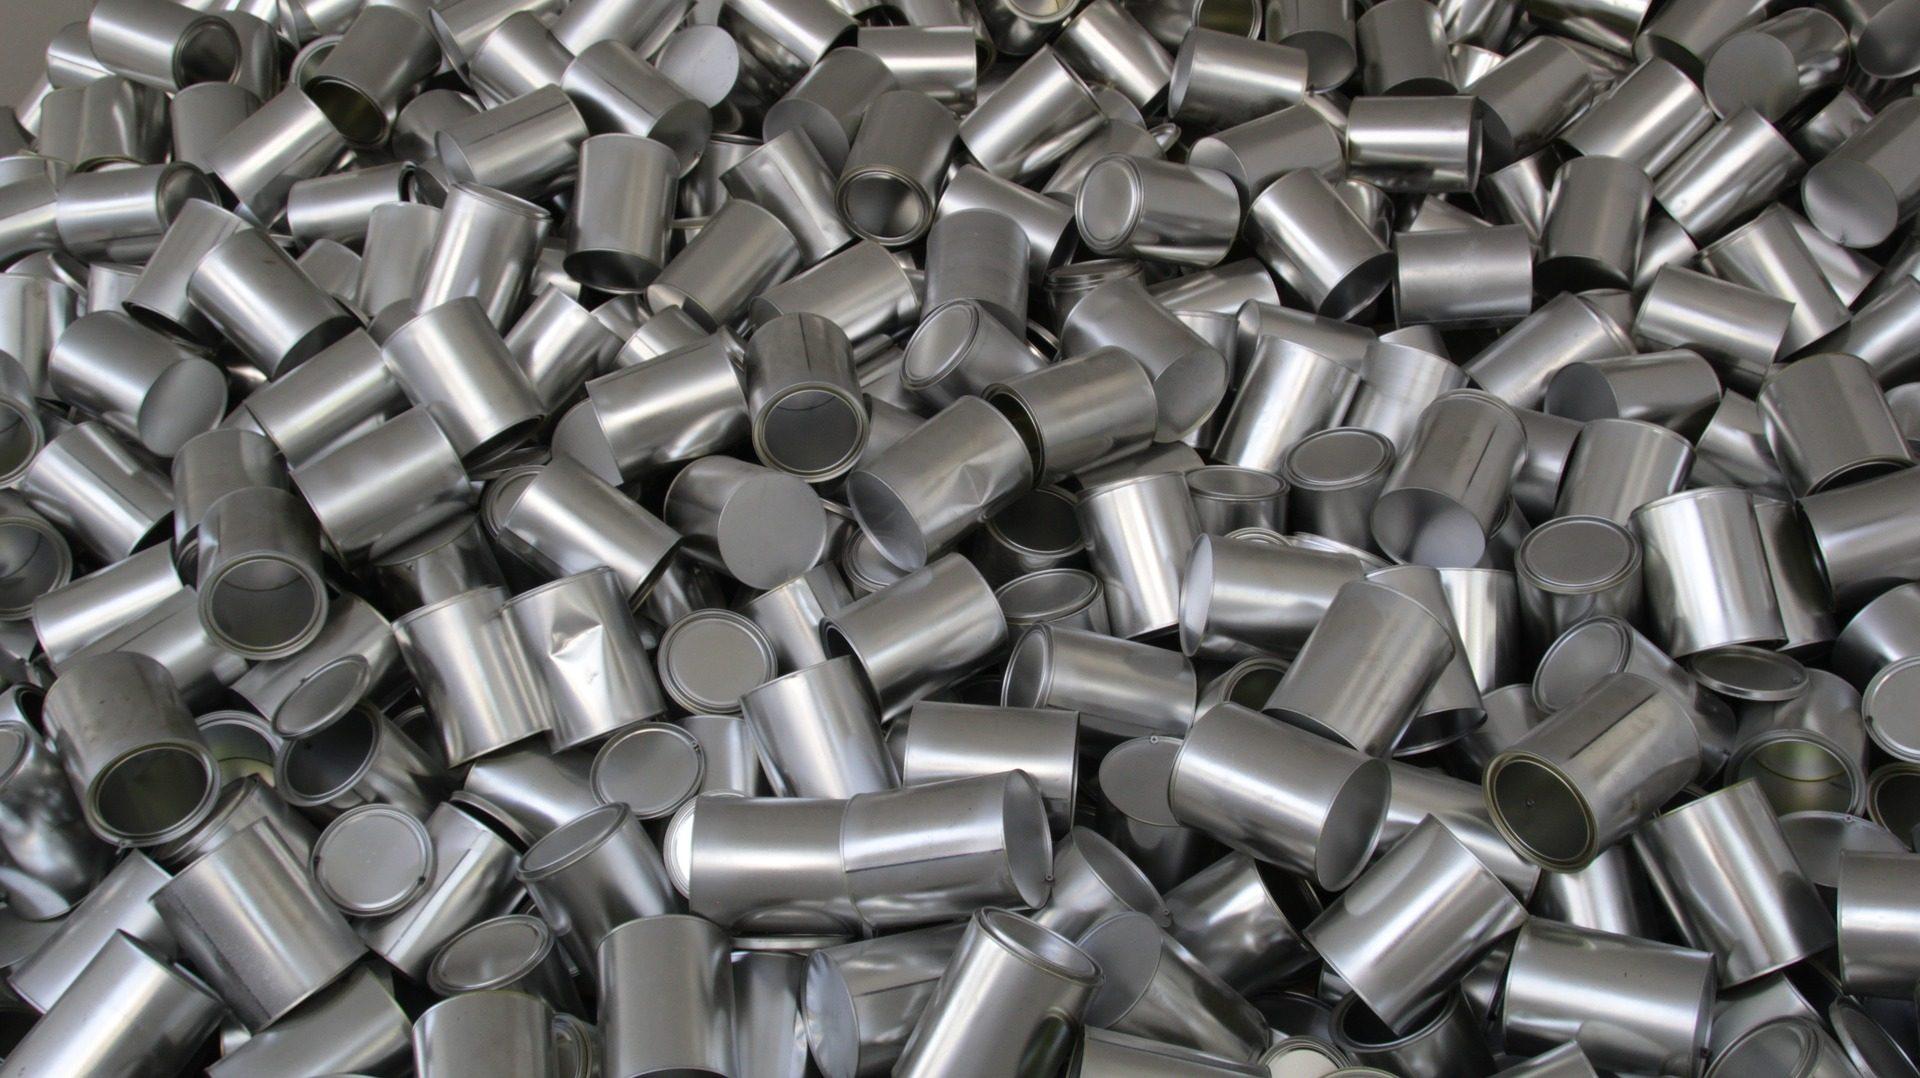 lattine, cilindri, in alluminio, metallo, luminosità, sacco - Sfondi HD - Professor-falken.com